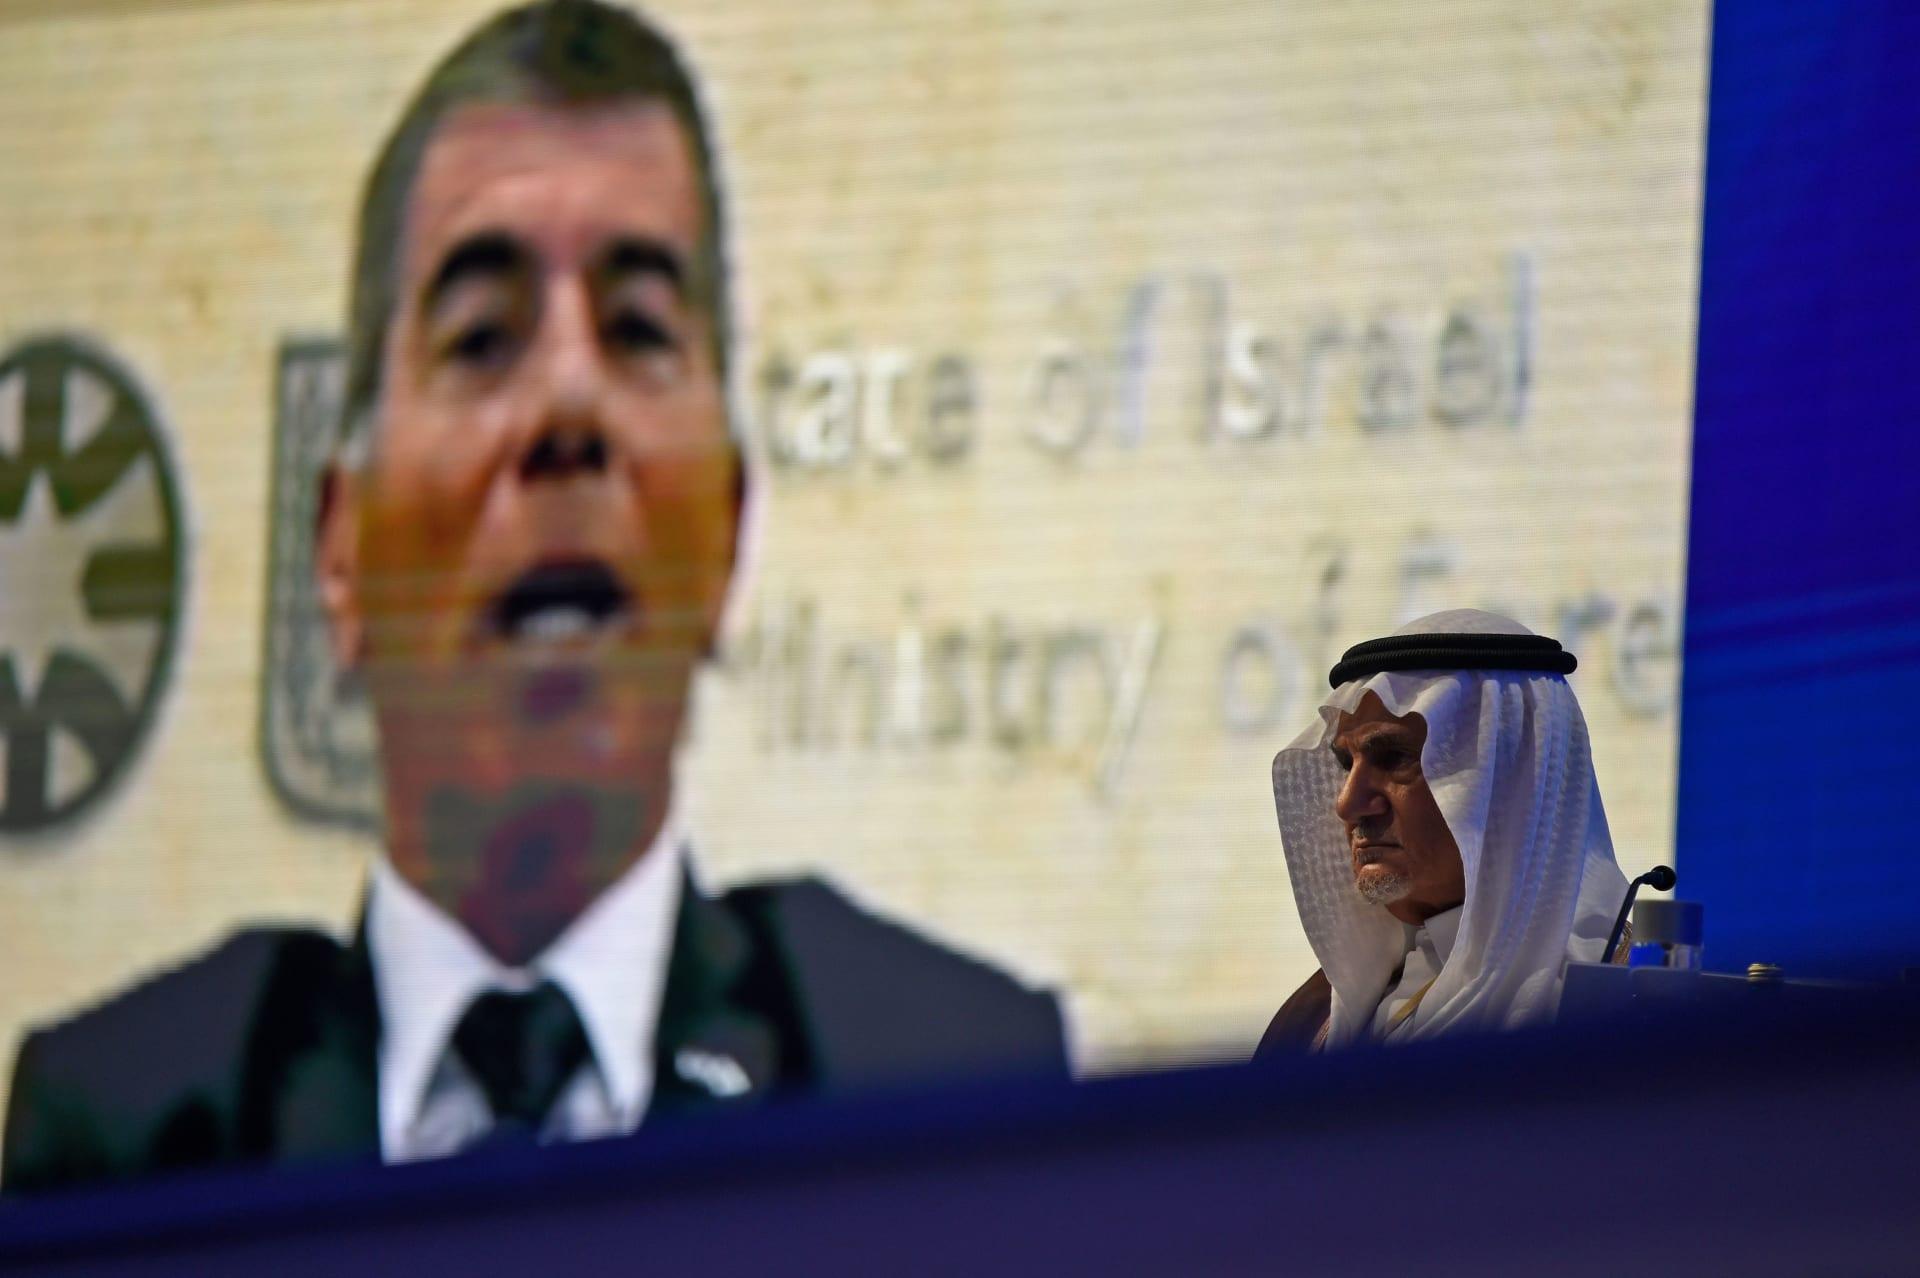 رئيس الاستخبارات السعودية الأسبق يهاجم إسرائيل في وجود وزير خارجيتها.. وإشكنازي يرد